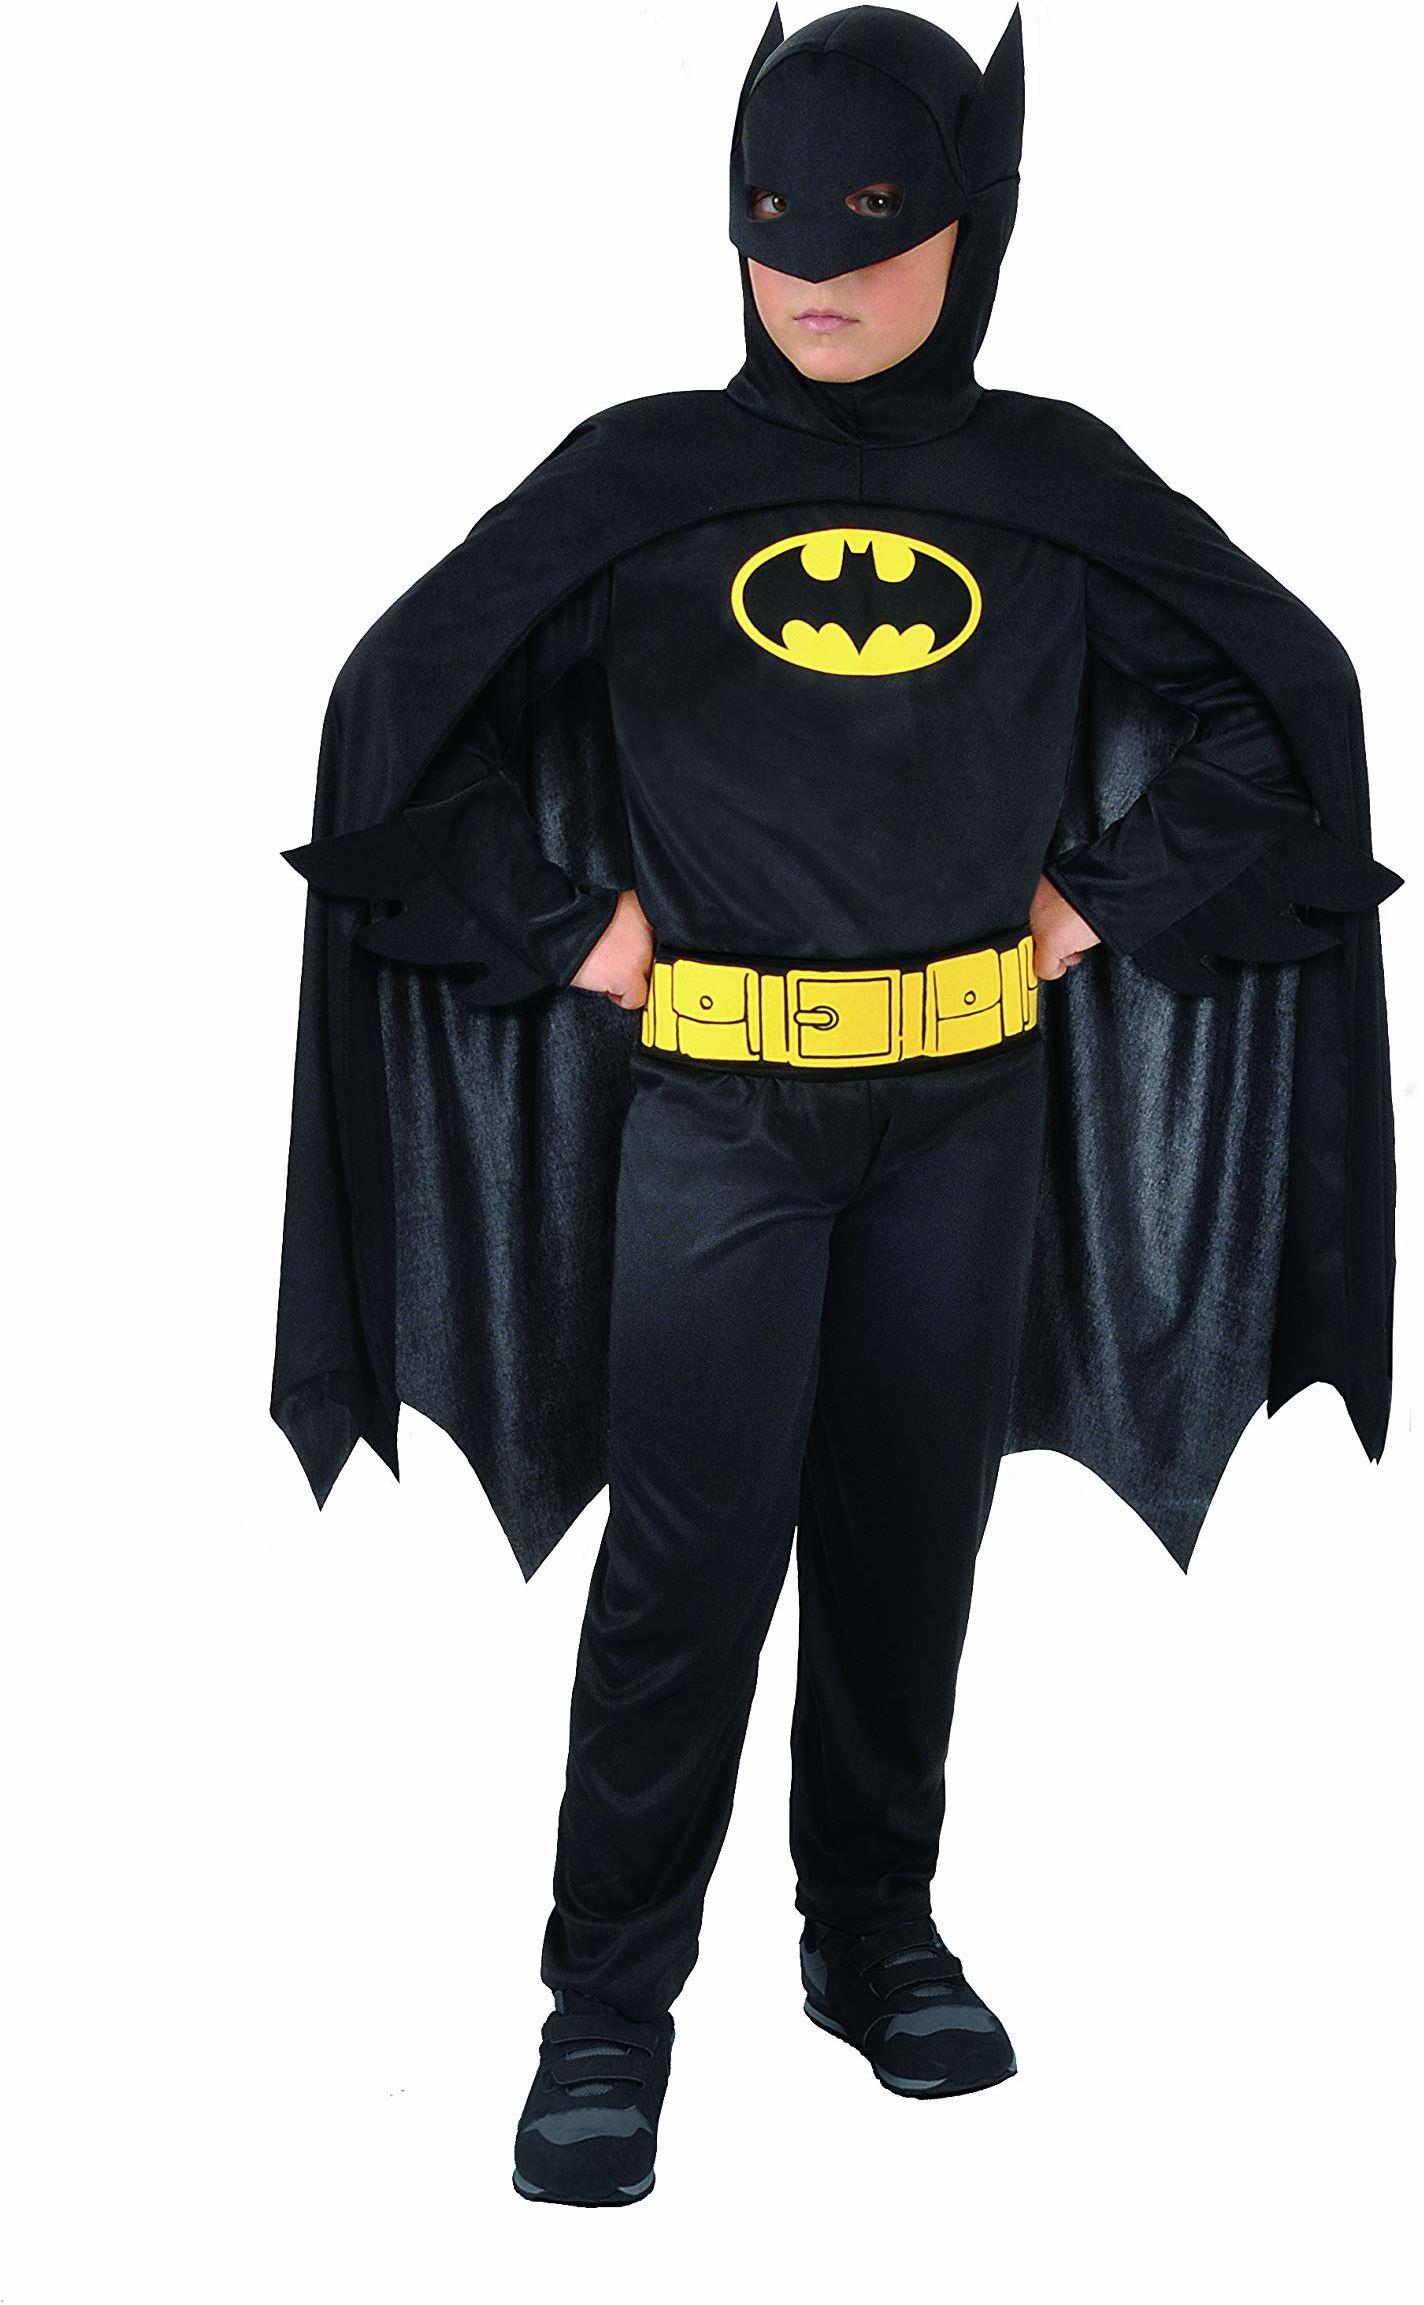 Ciao - Batman Dark Knight oryginalny kostium dziecięcy DC Comics (rozmiar 3-4 lata), kolor, 11670.3-4